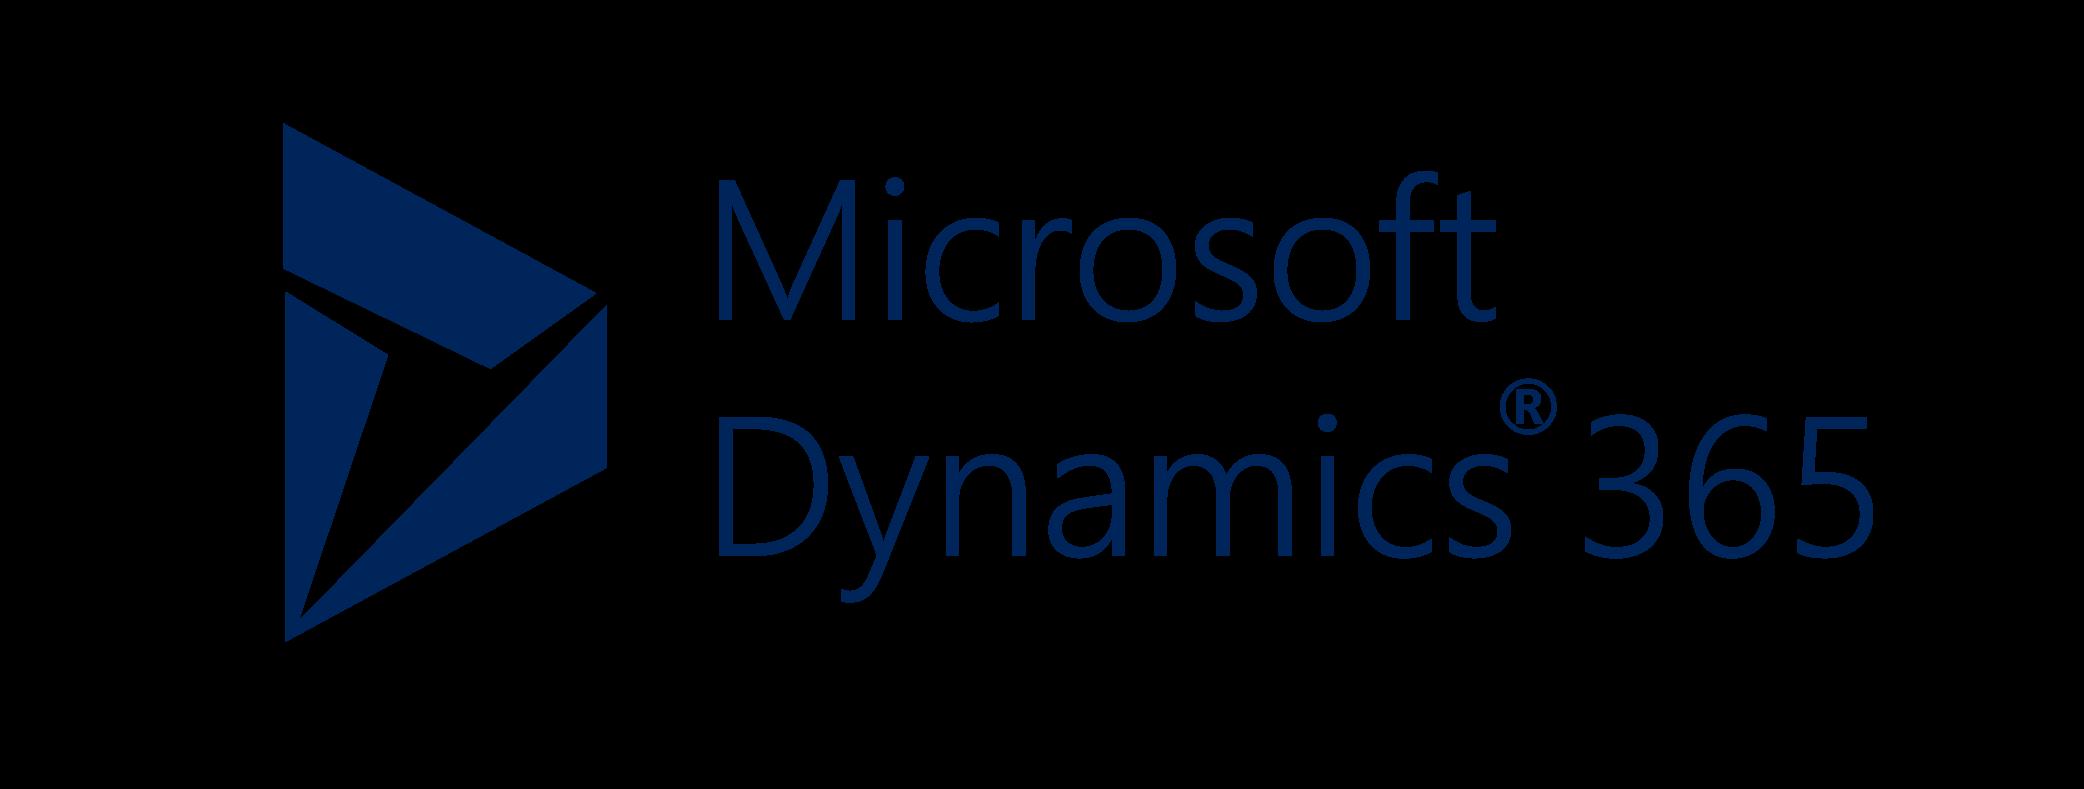 MS-D365-logo - Technology Management Concepts Netsuite Logo Transparent